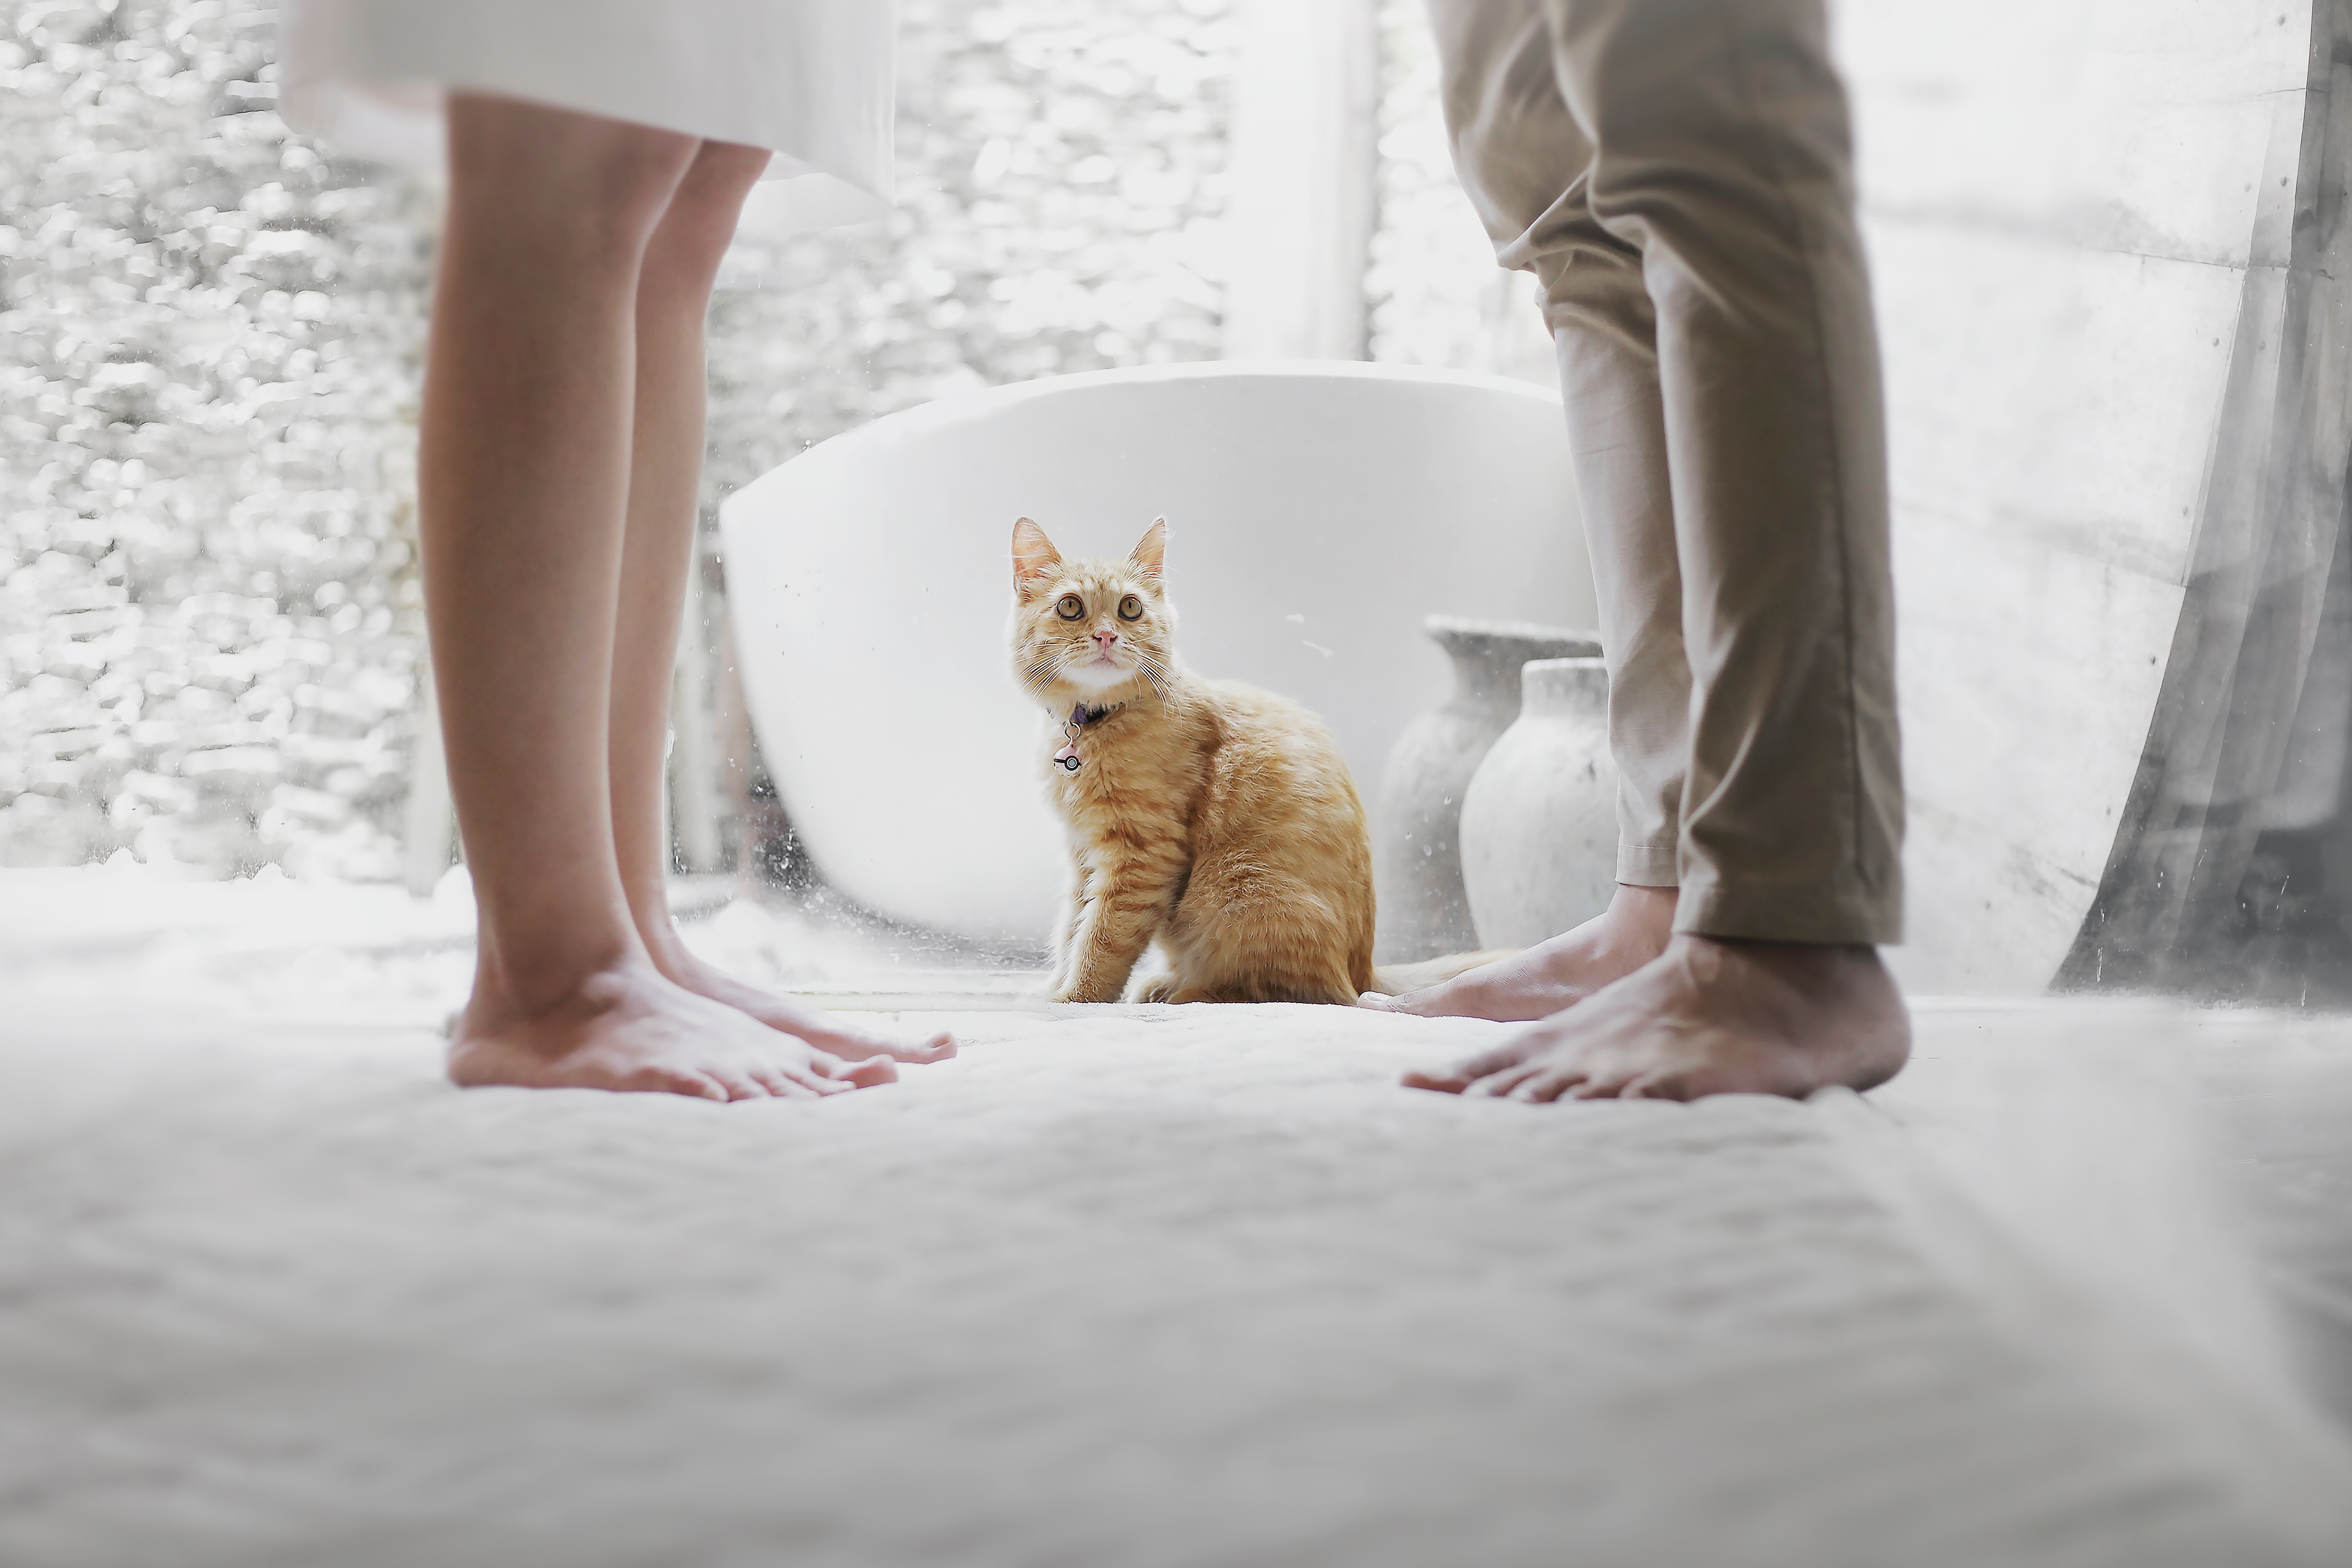 二人の行為を見つめる猫